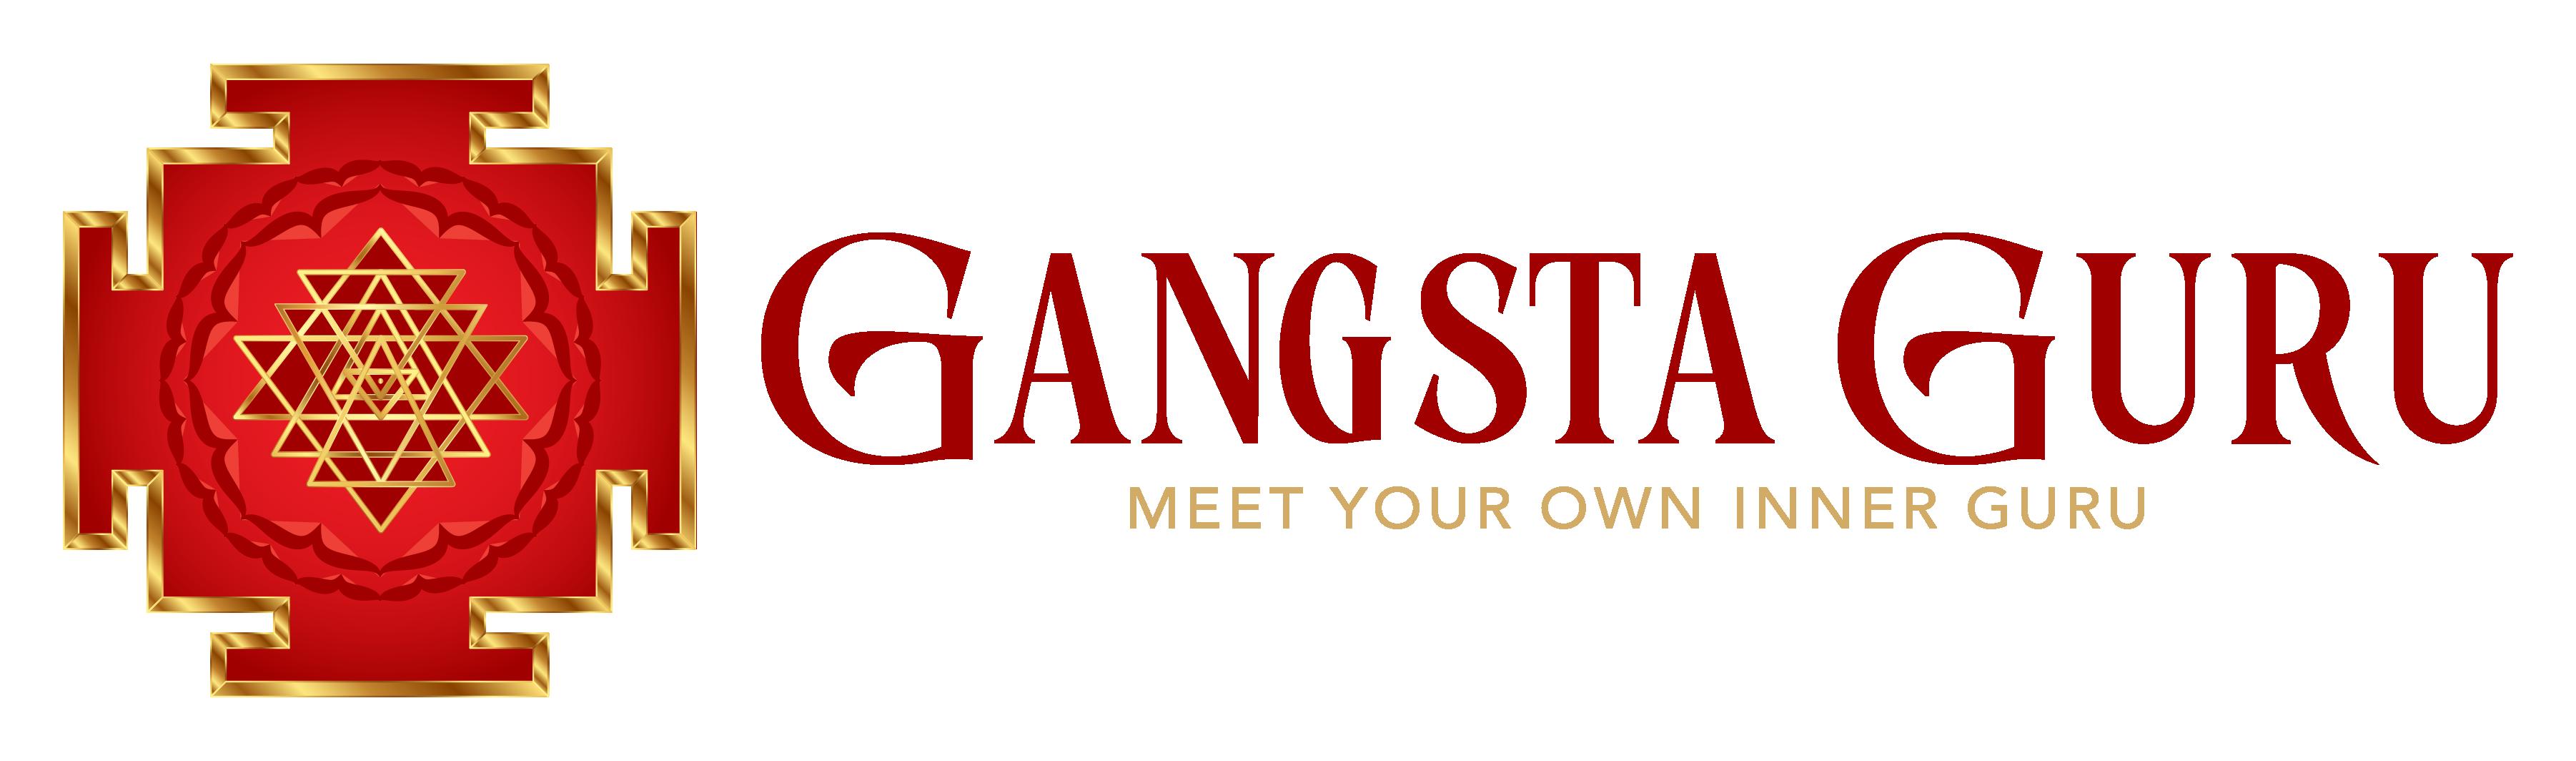 Roberta Reeves - The Gangstaguru